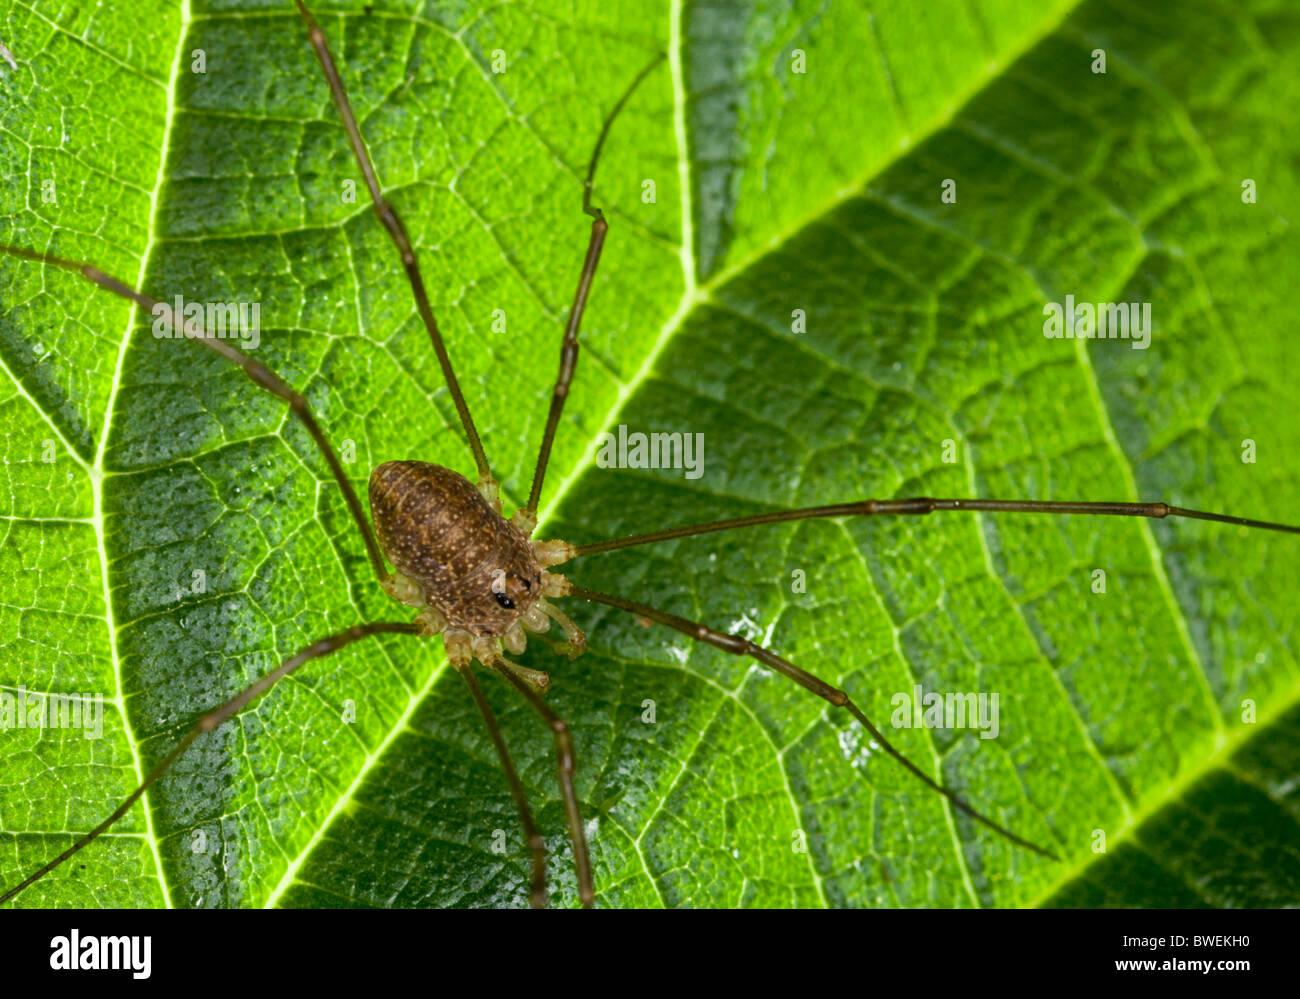 Harvestman 'spider' (Opiliones Sp.) on a backlit green leag - Stock Image